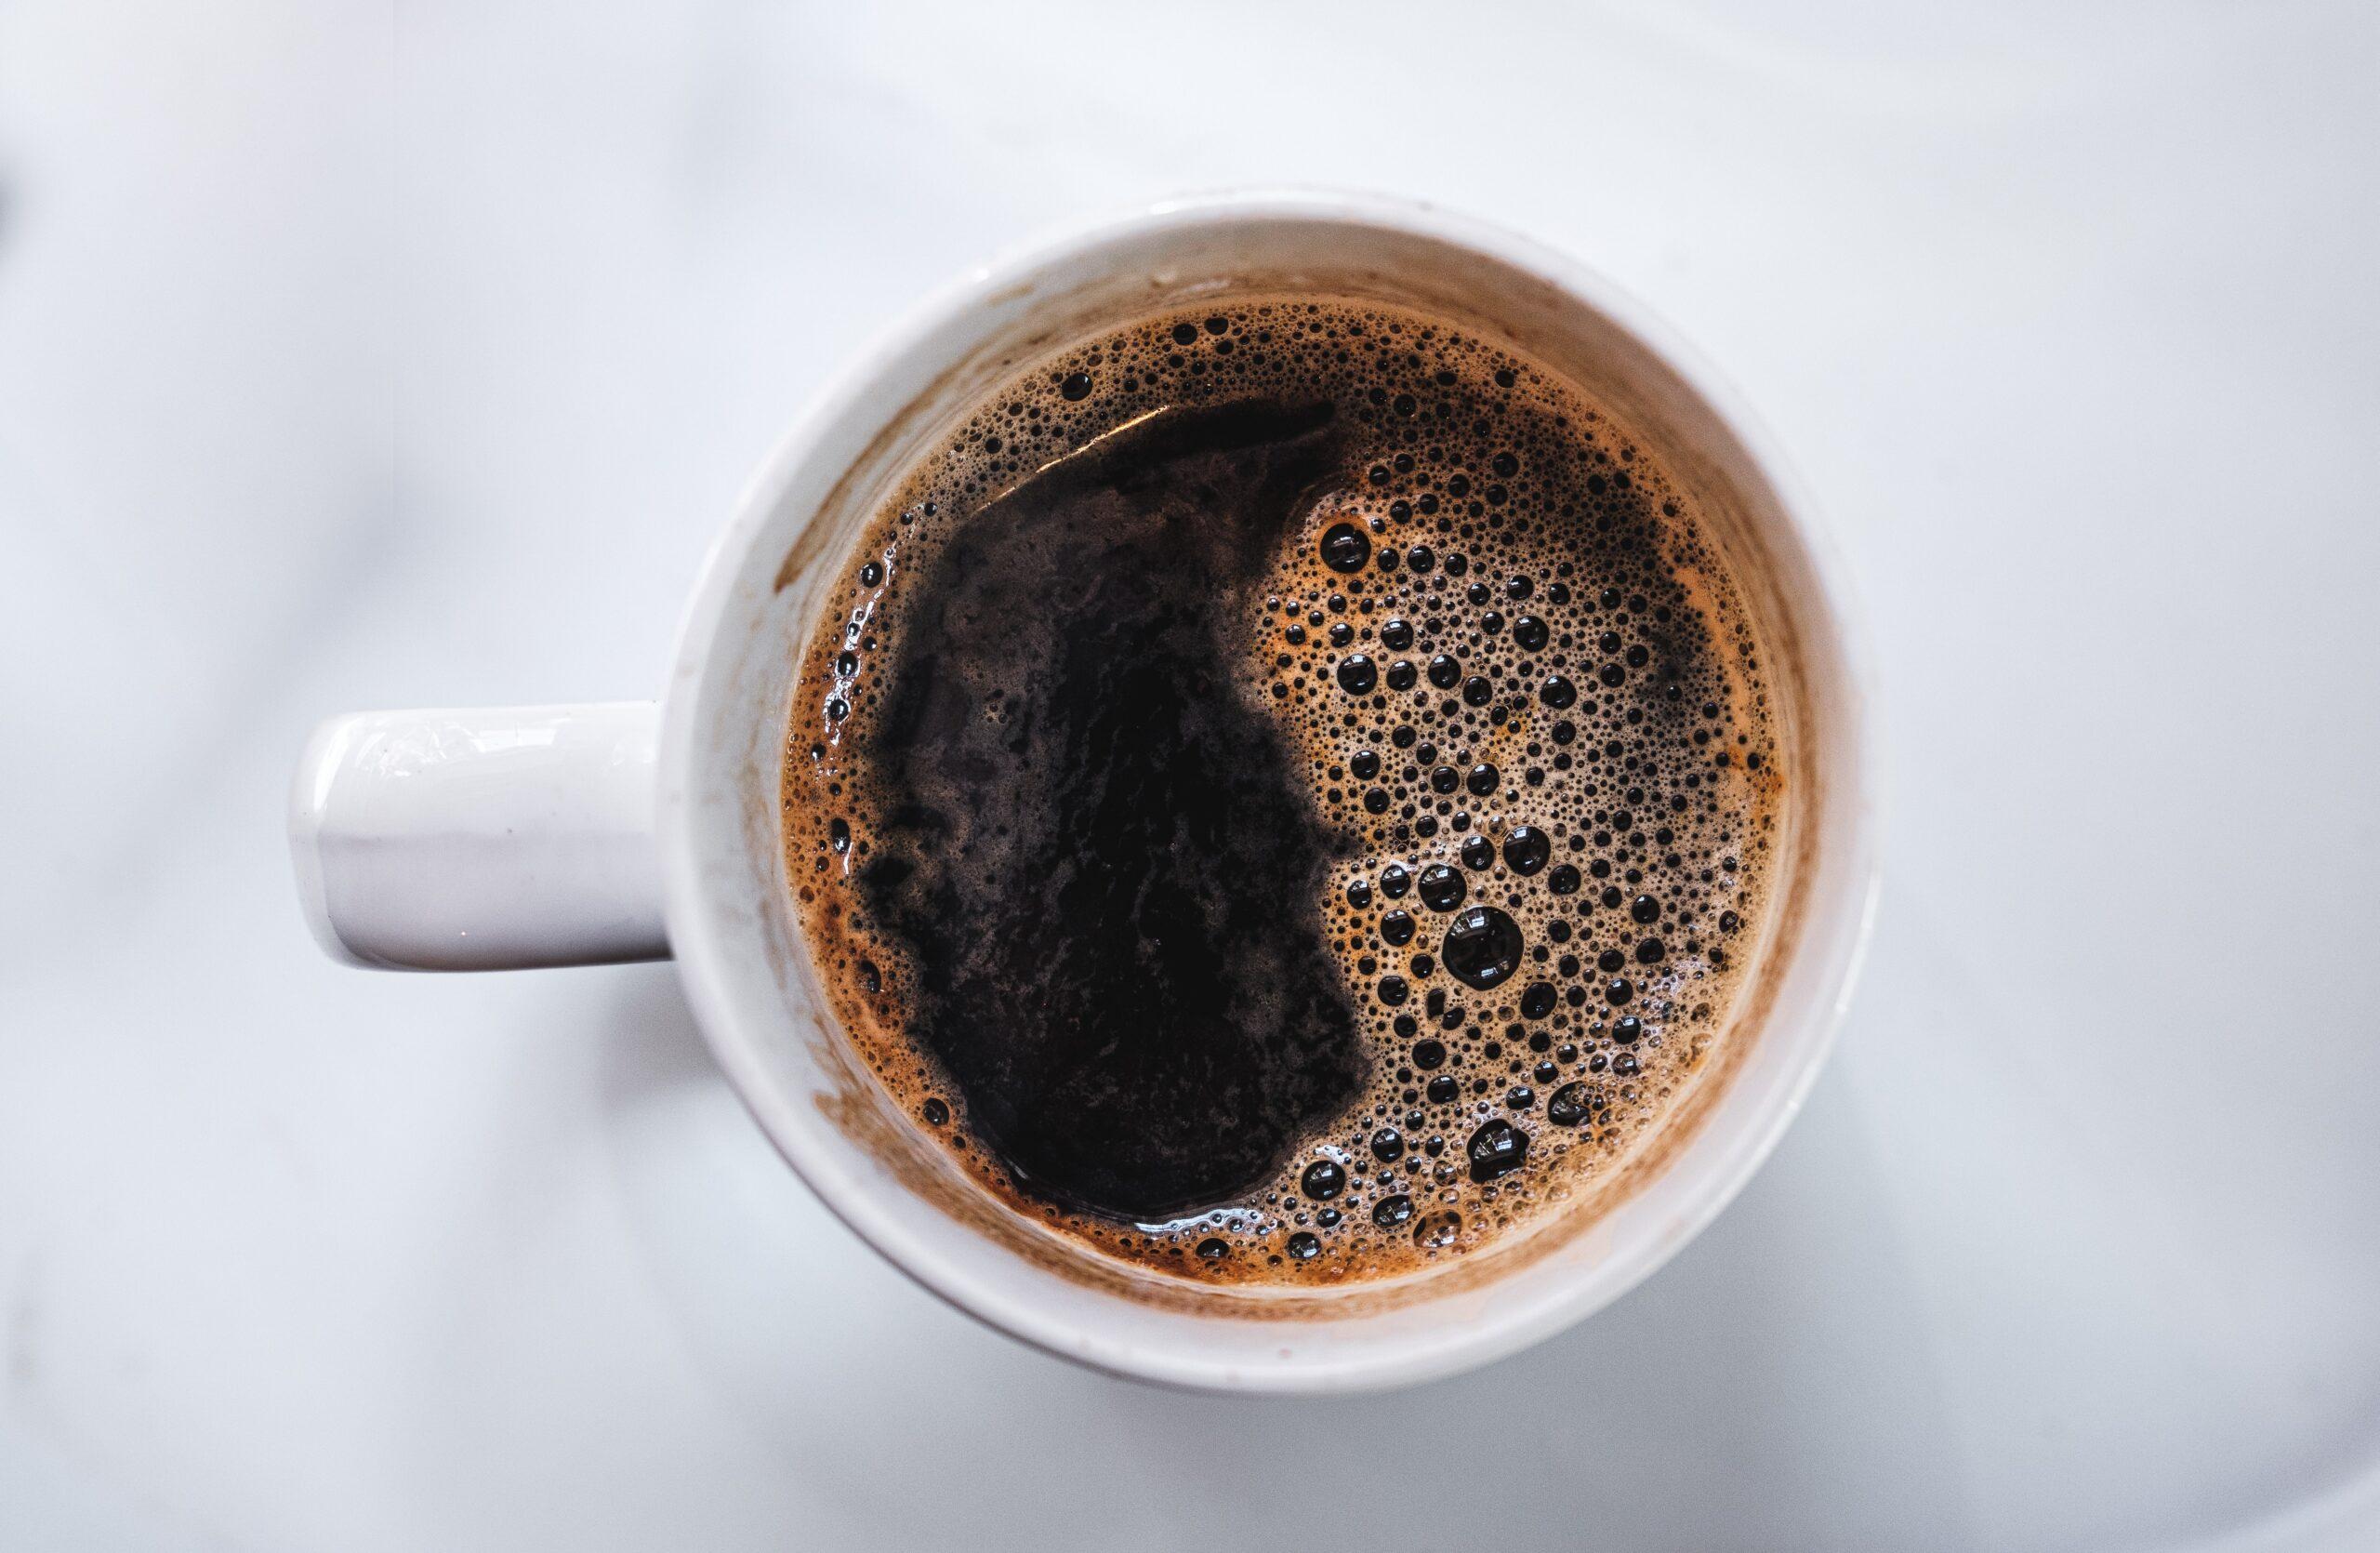 コーヒーゼリーはダイエット向き